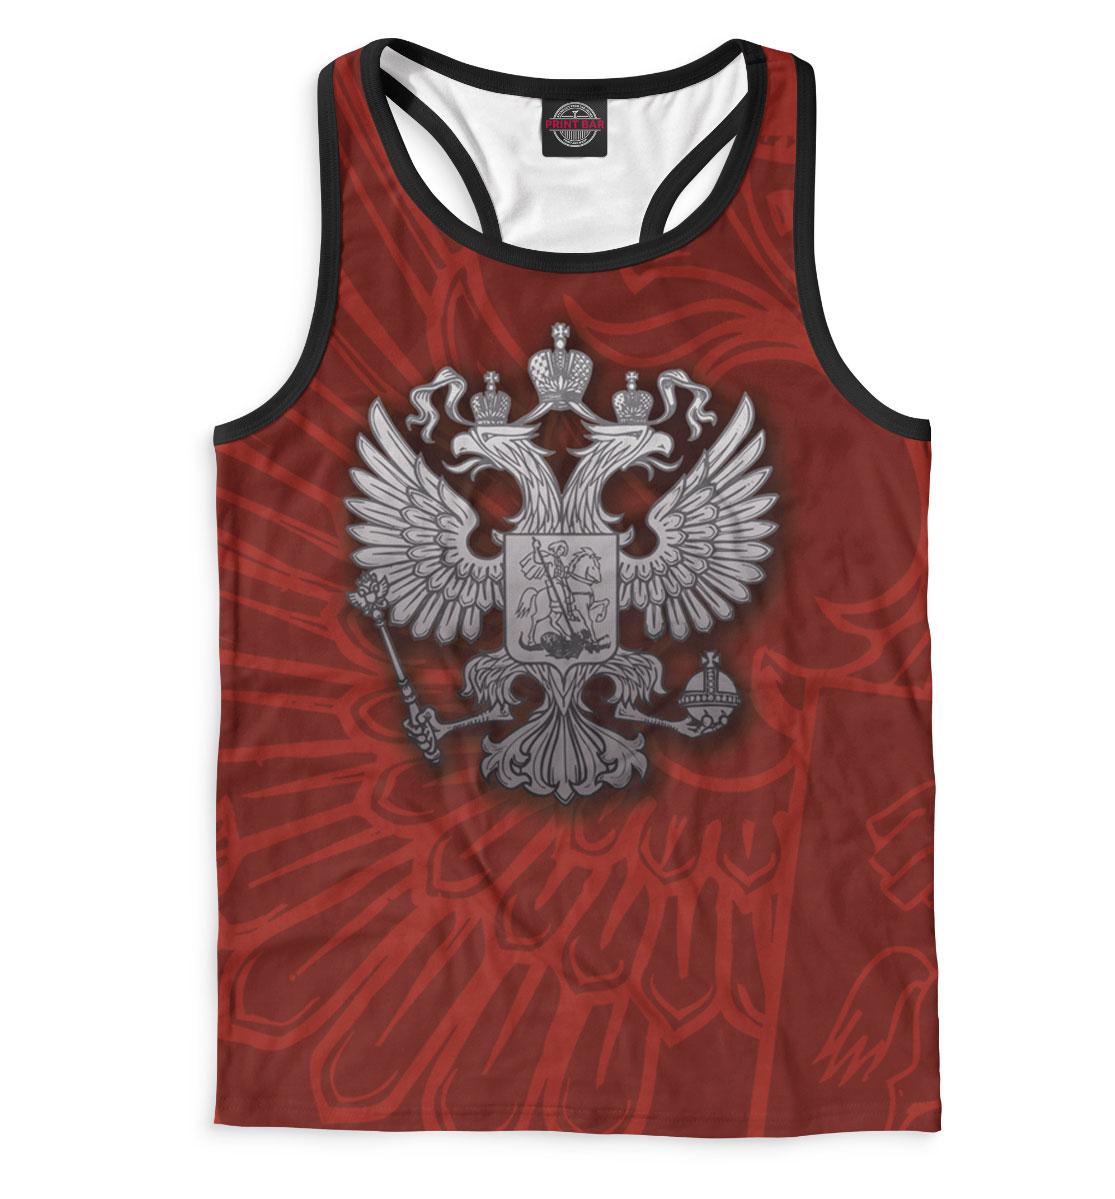 Купить Майка для мальчика Двуглавый орел SRF-616990-mayb-2